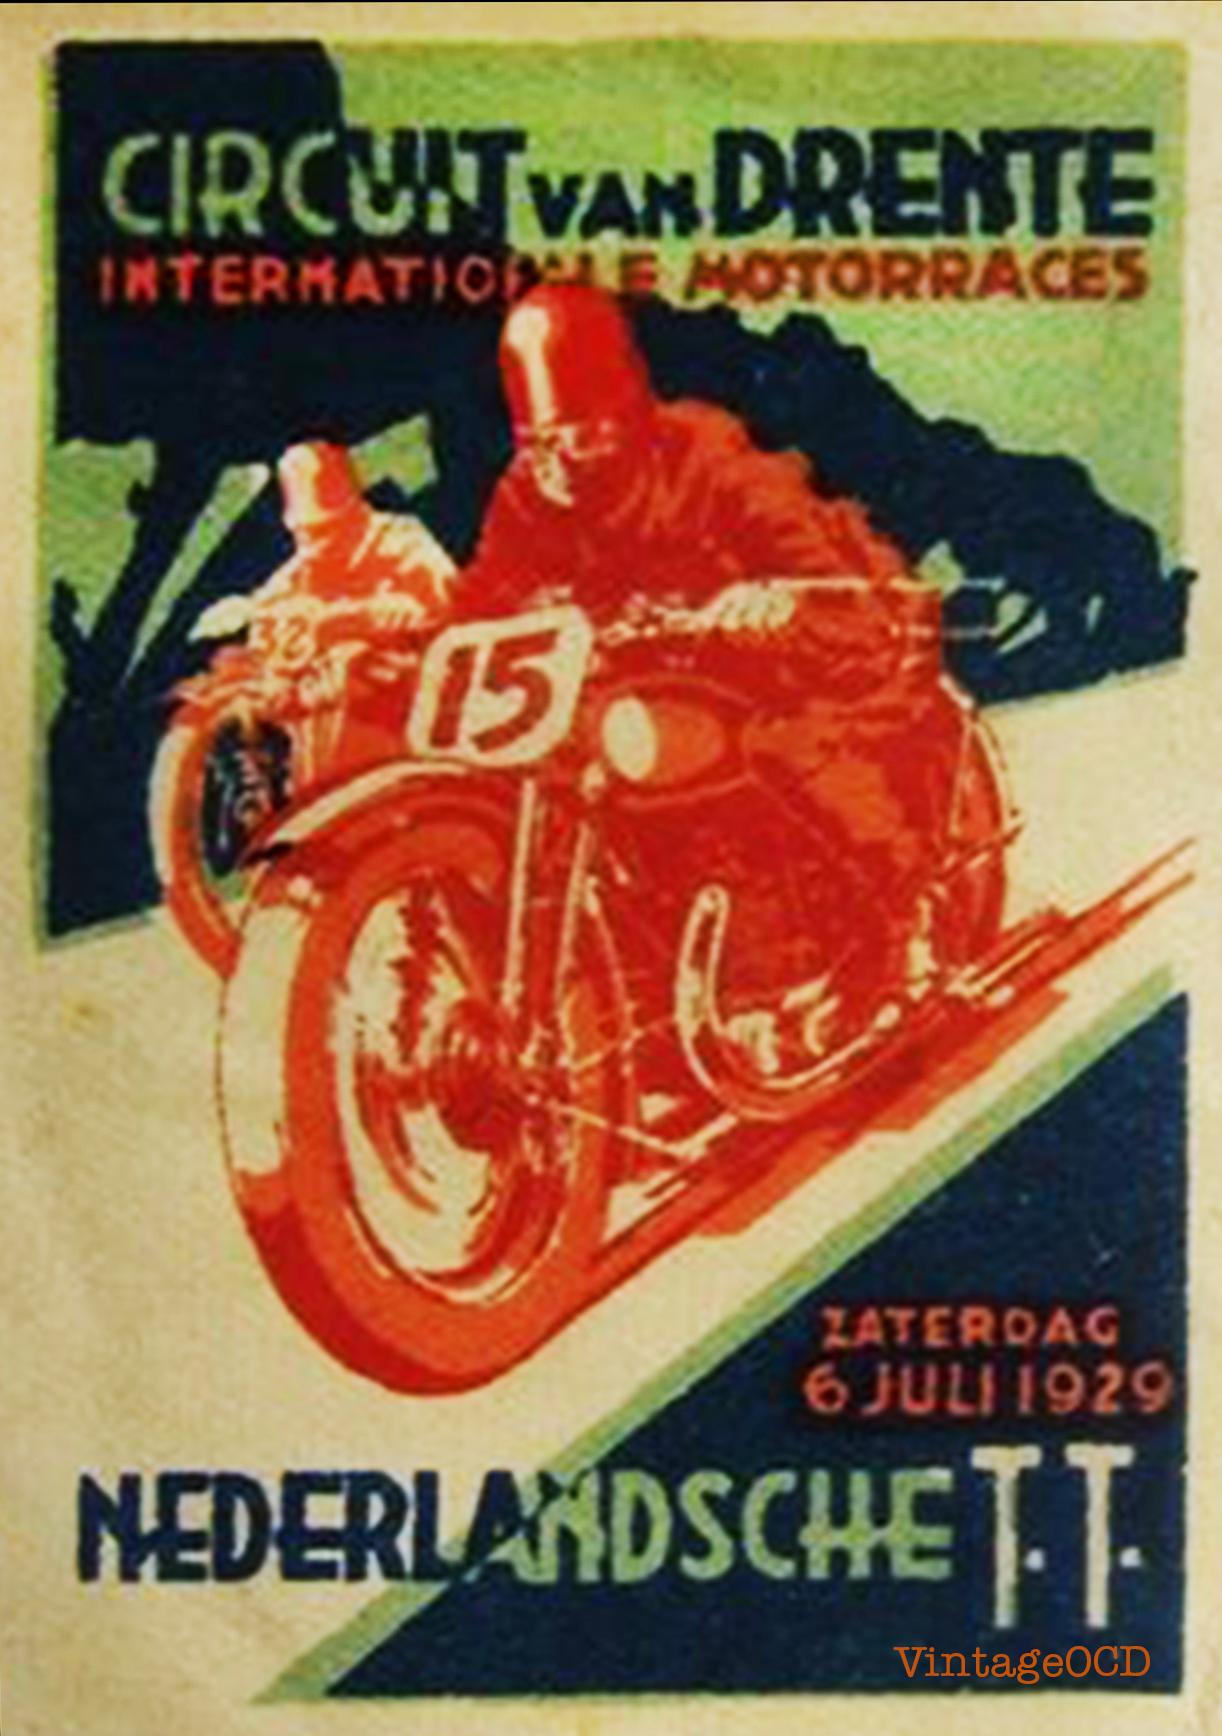 Motorcycle Racing Poster Vintage Ocd